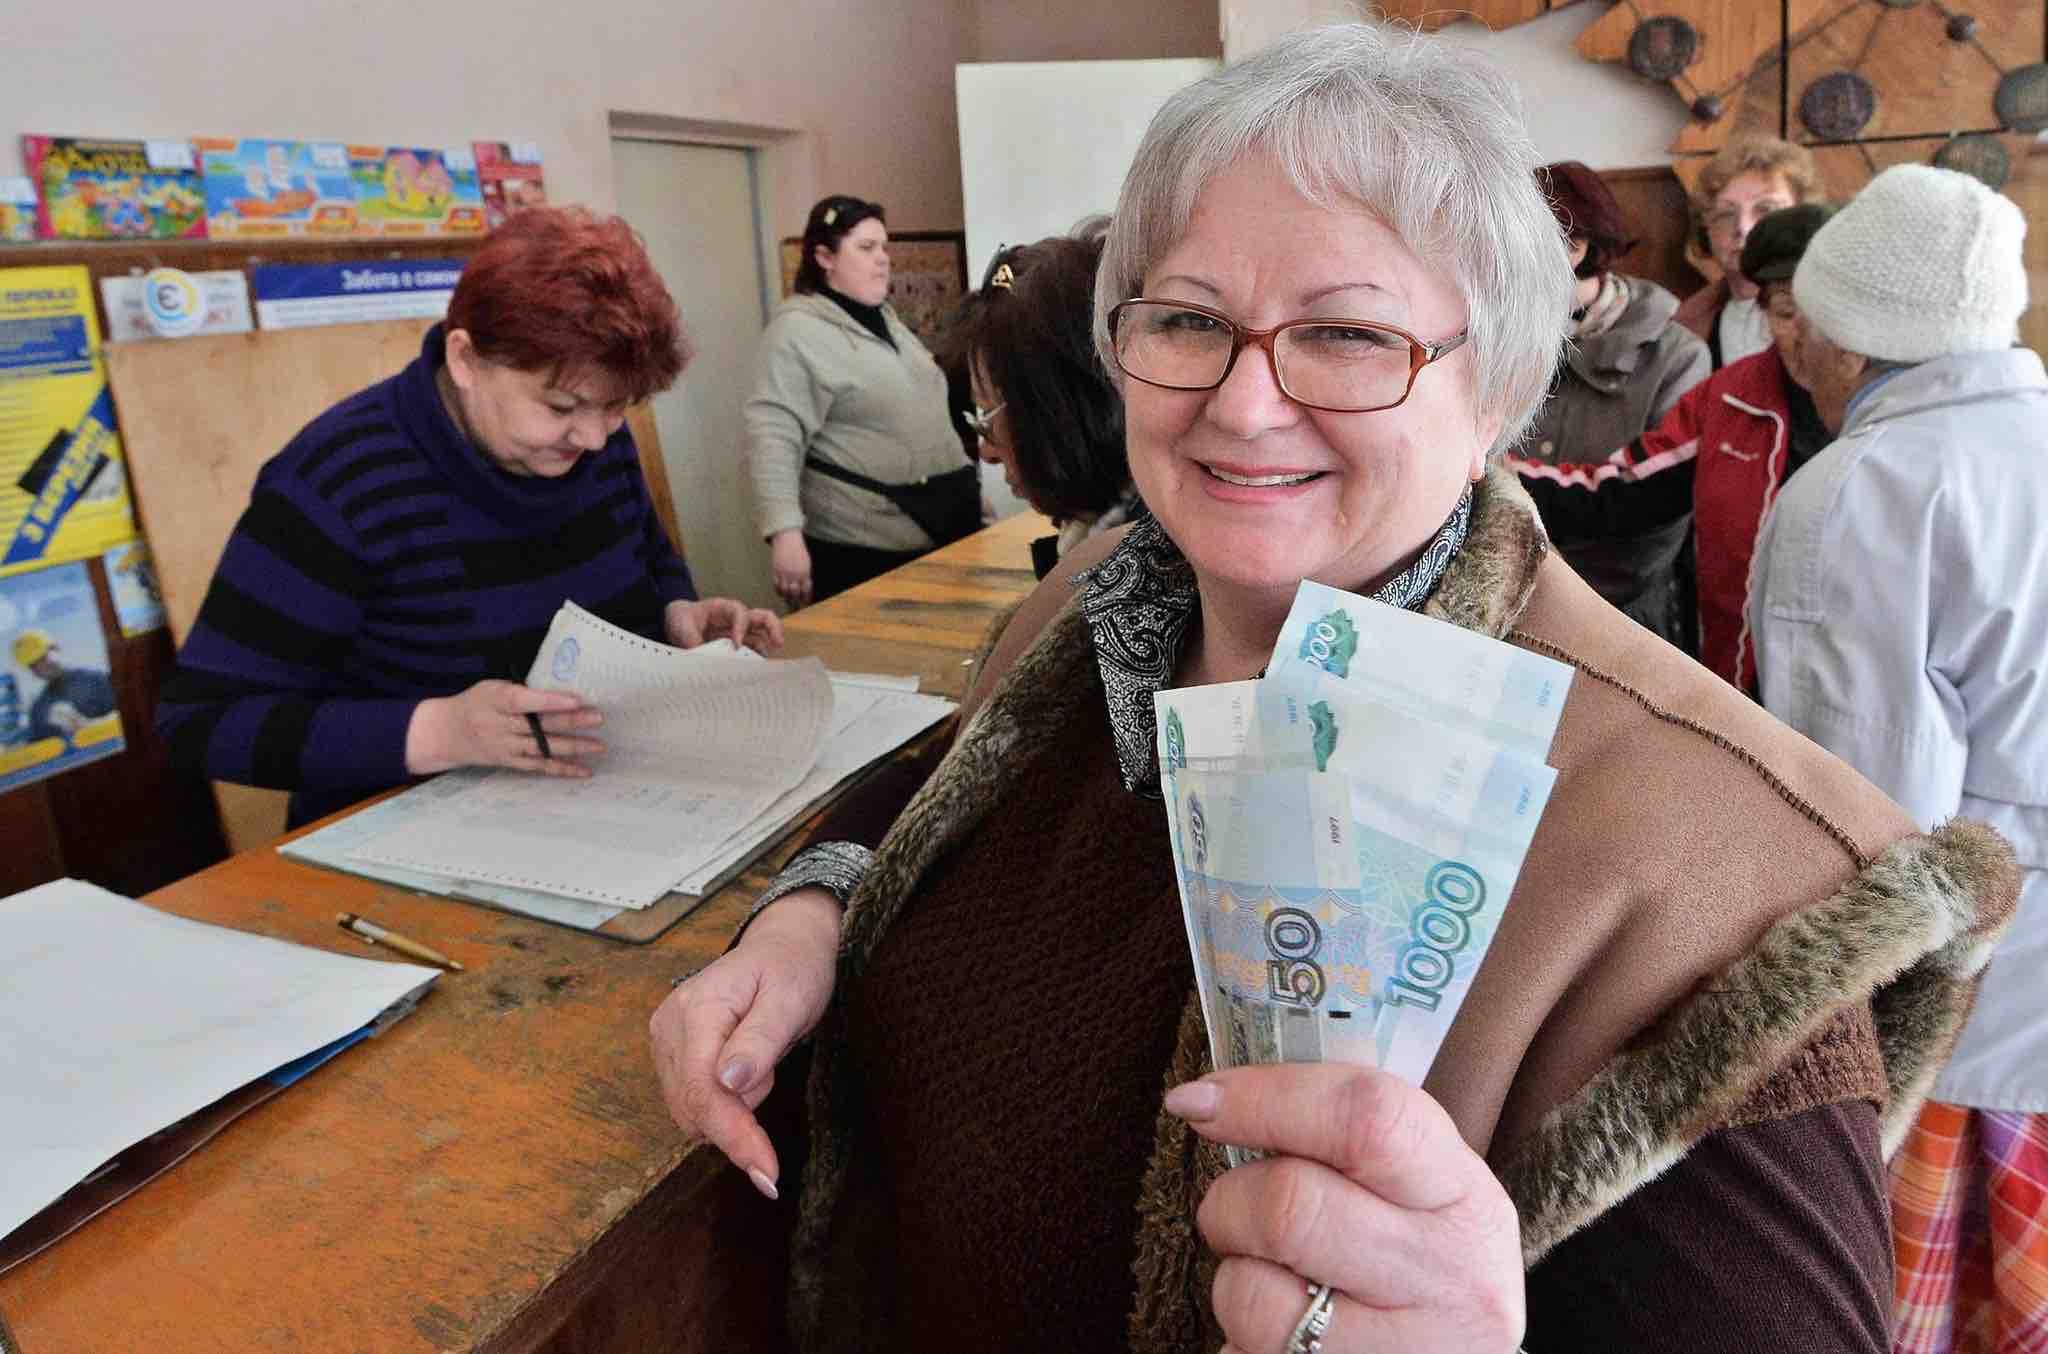 Пенсии повысят в два раза: когда это произойдёт, информация от пенсионного фонда